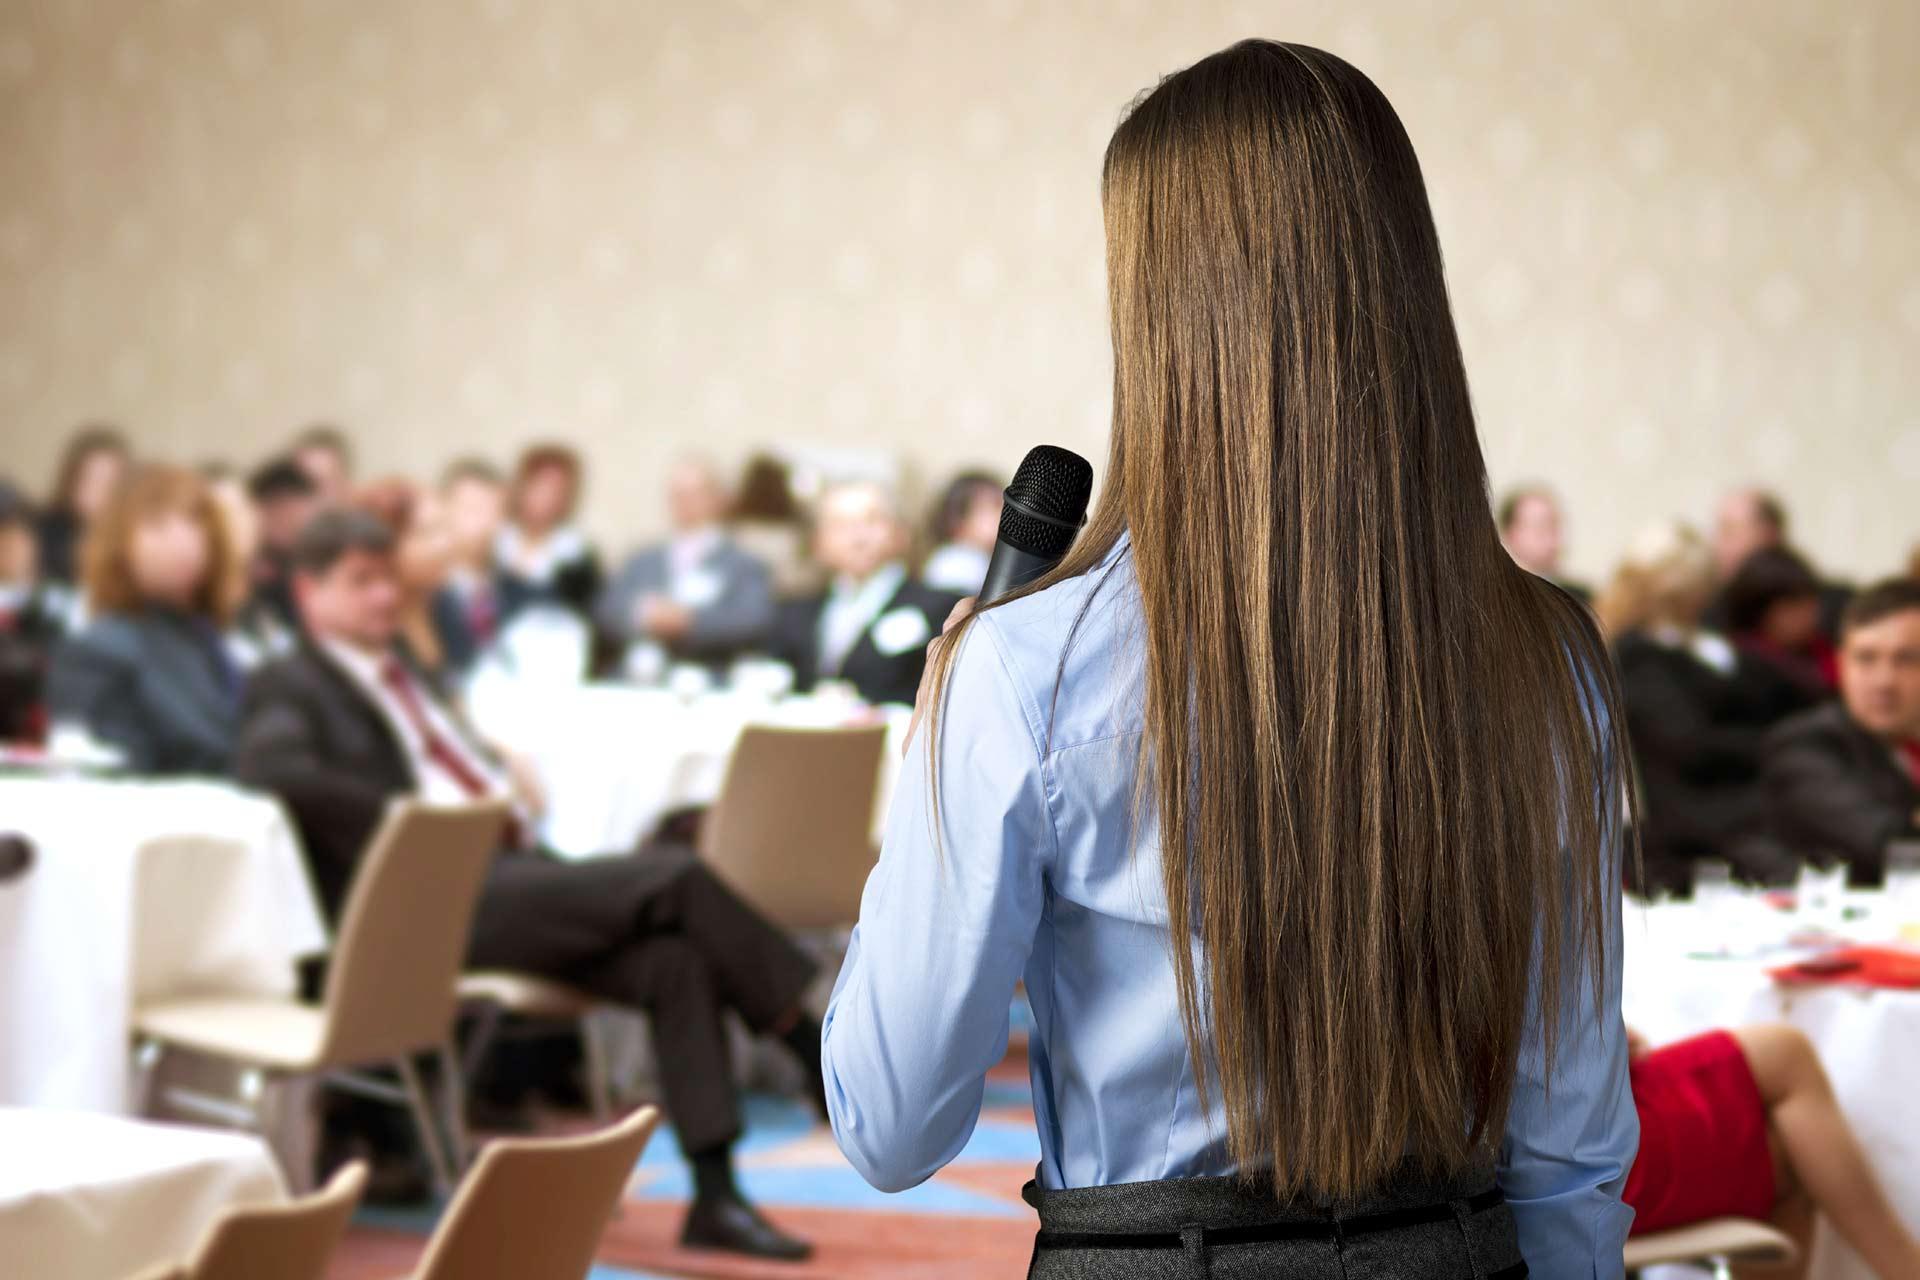 Для проведения вебинаров приглашаем спикеров: бизнес-тренеров, менеджеров, маркетологов, коучей, психологов, инвесторов, предпринимателей